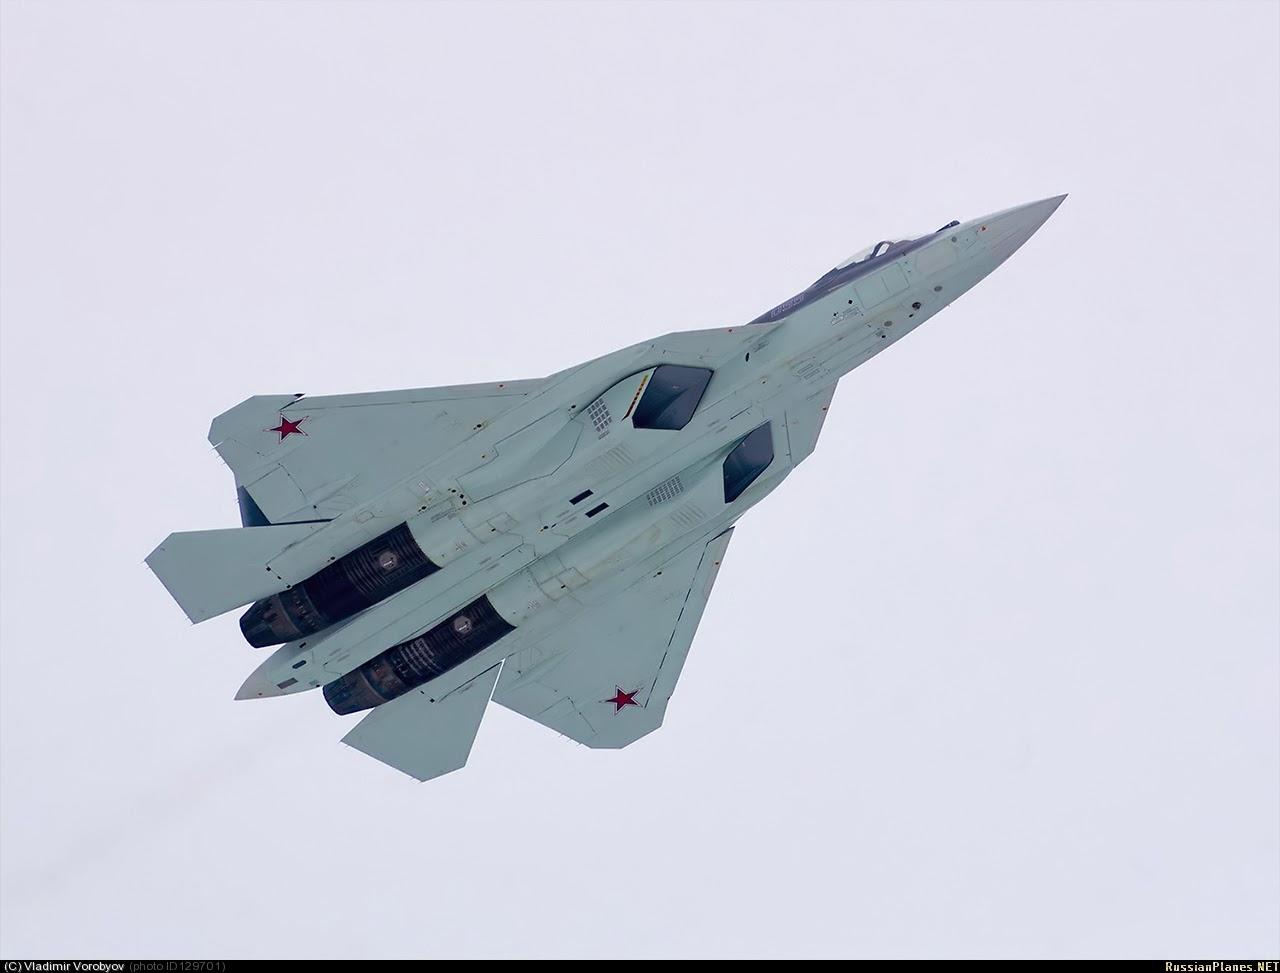 Fuerzas Armadas de la Federación Rusa - Página 9 129701